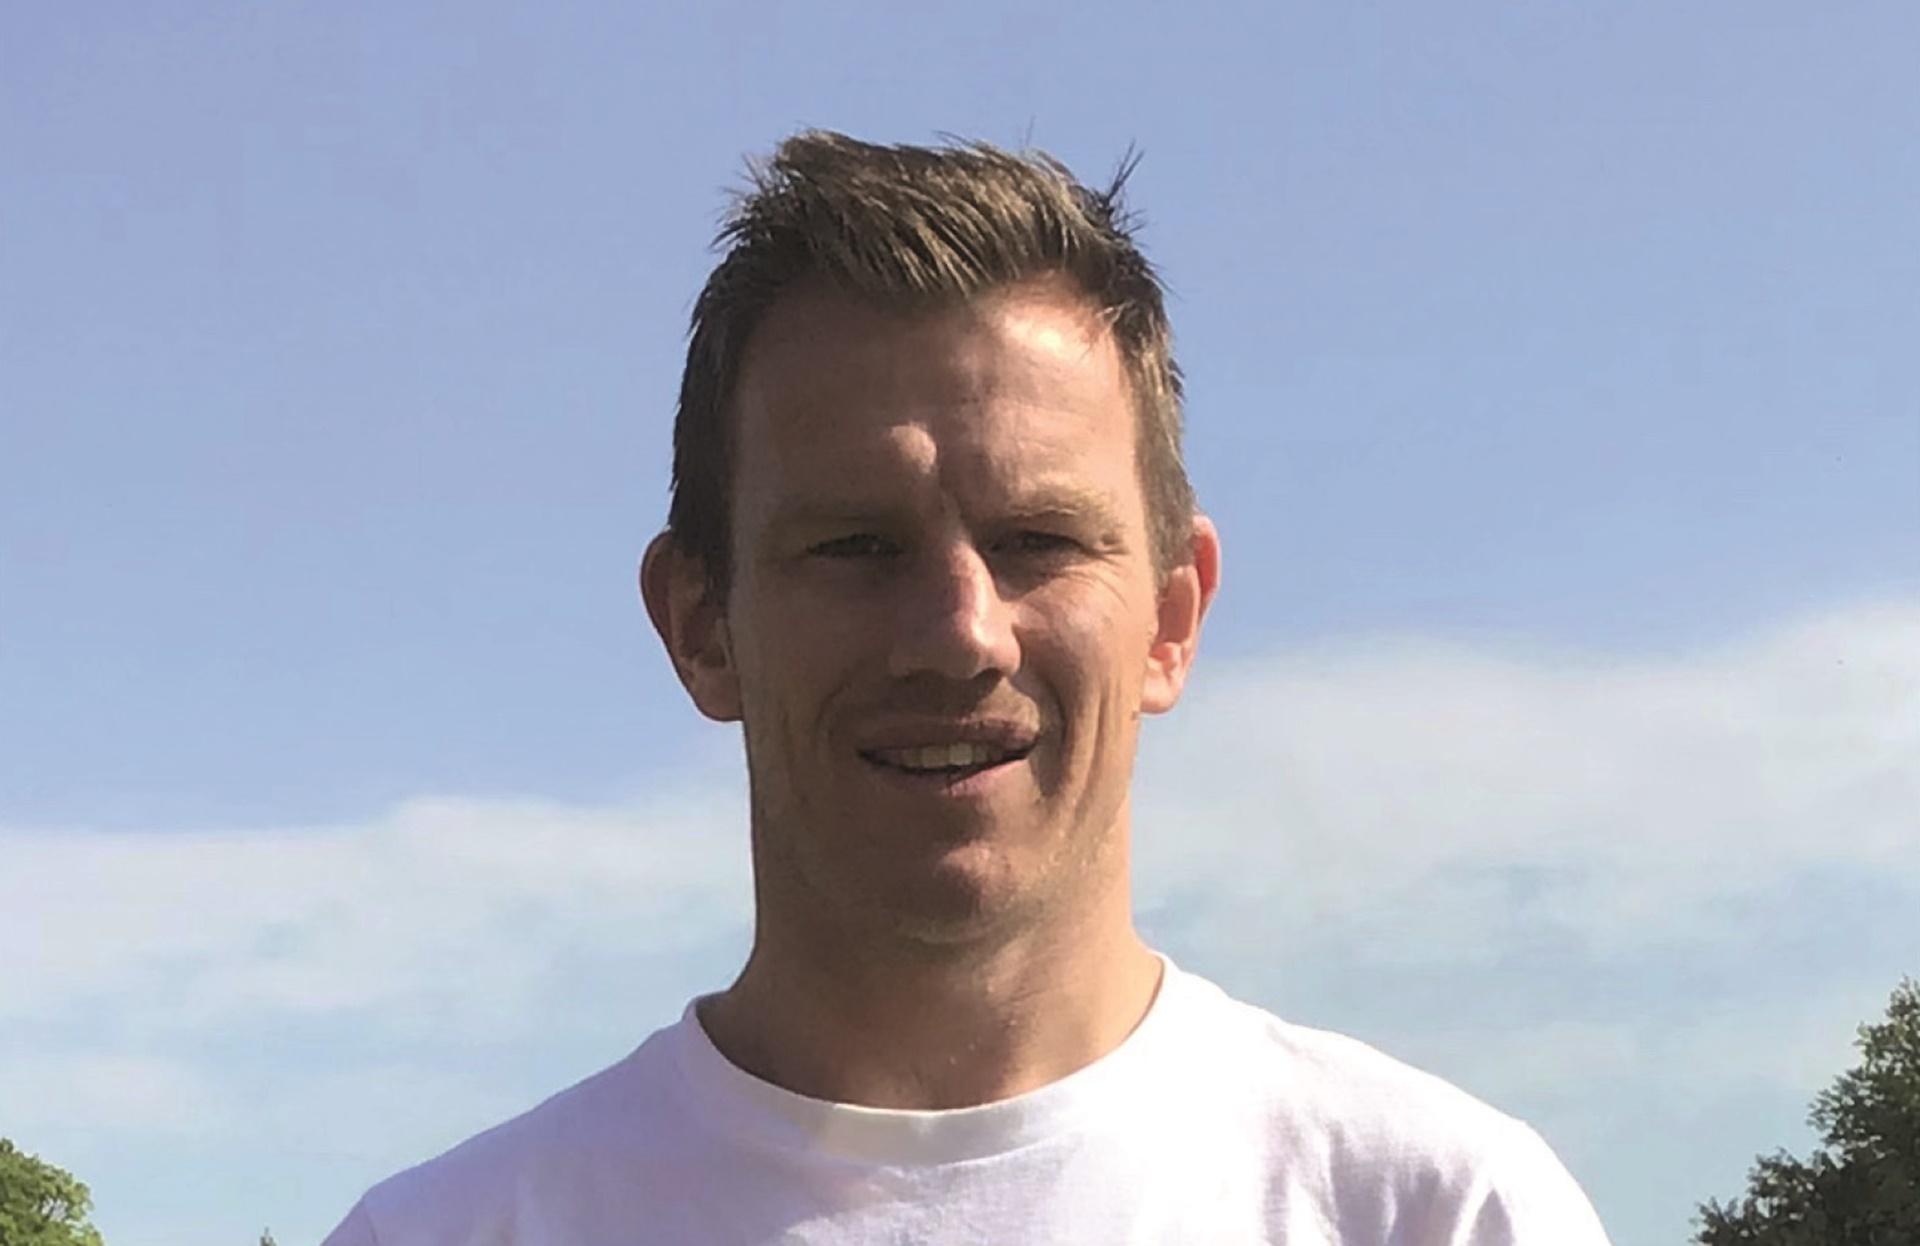 Mark Heffernan